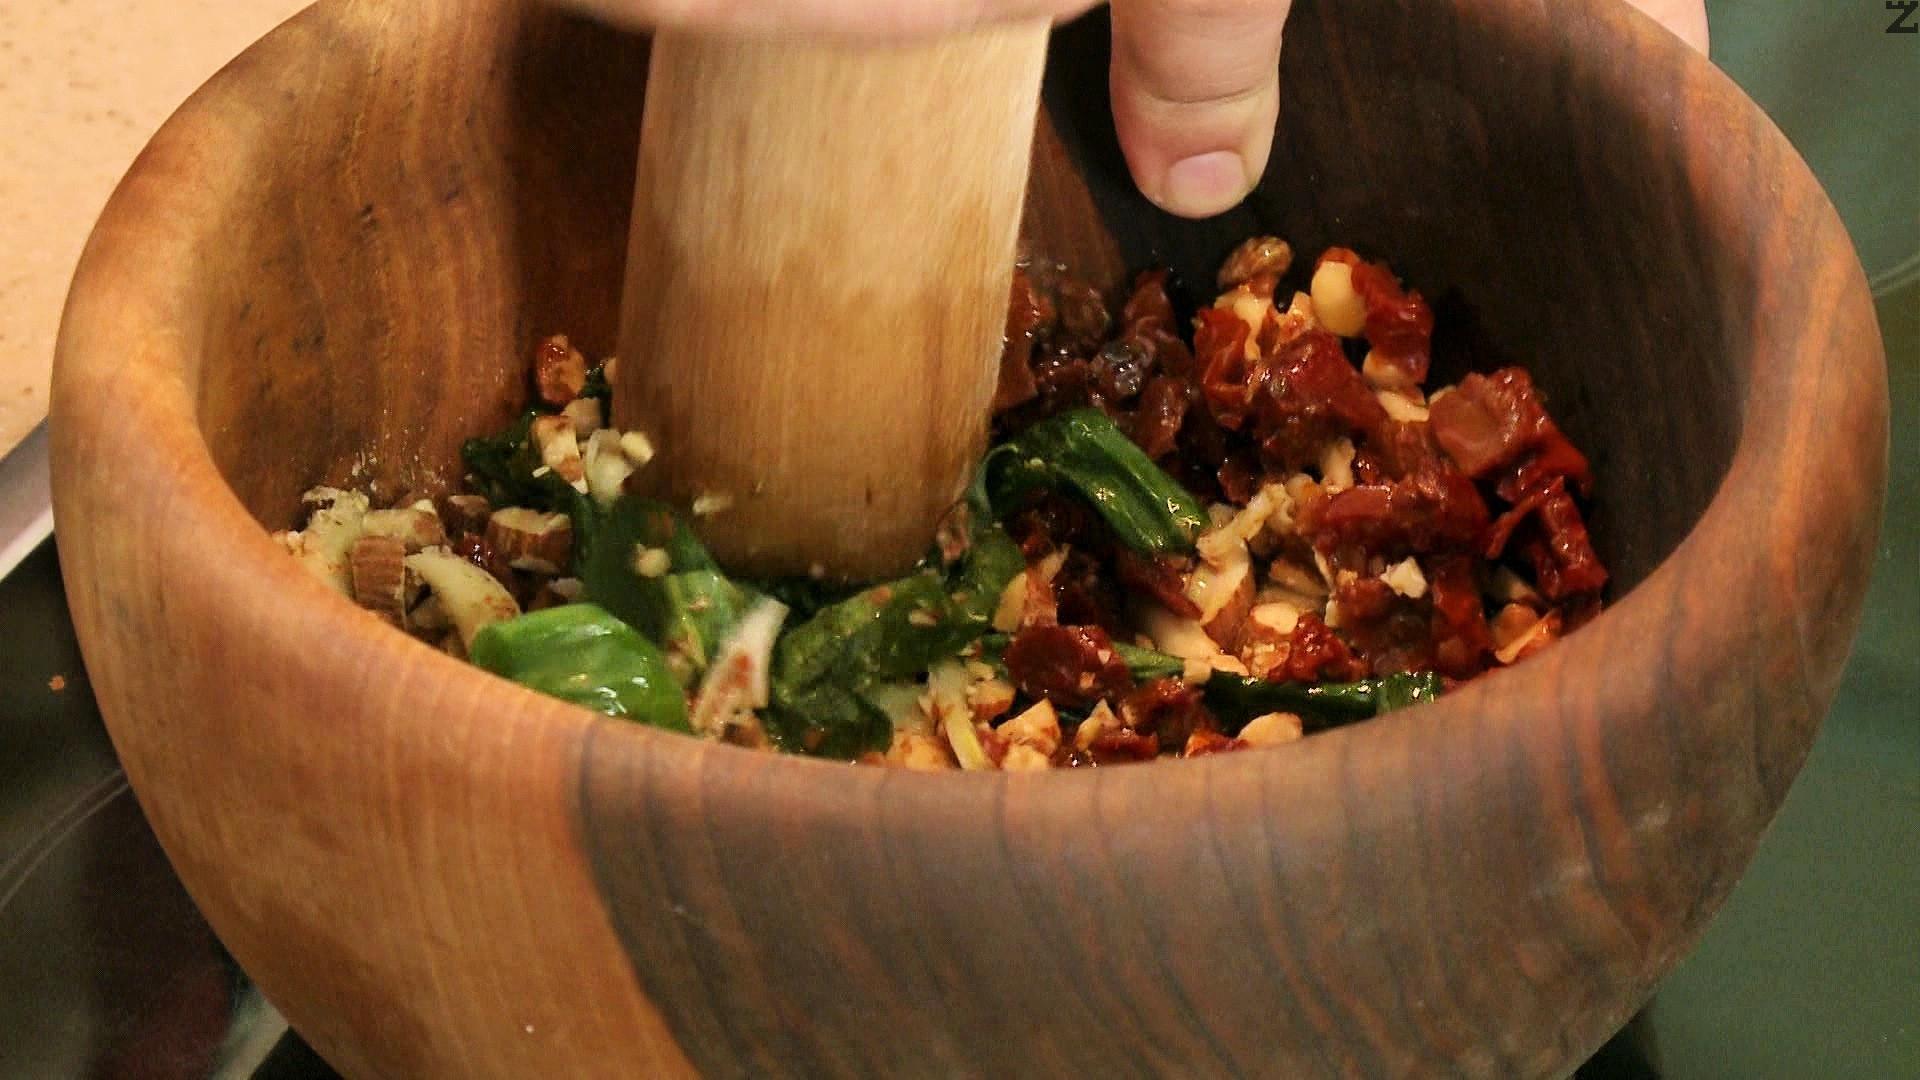 Добавят се накълцани на дребно сушени домати и листа пресен босилек. Отново се стриват.